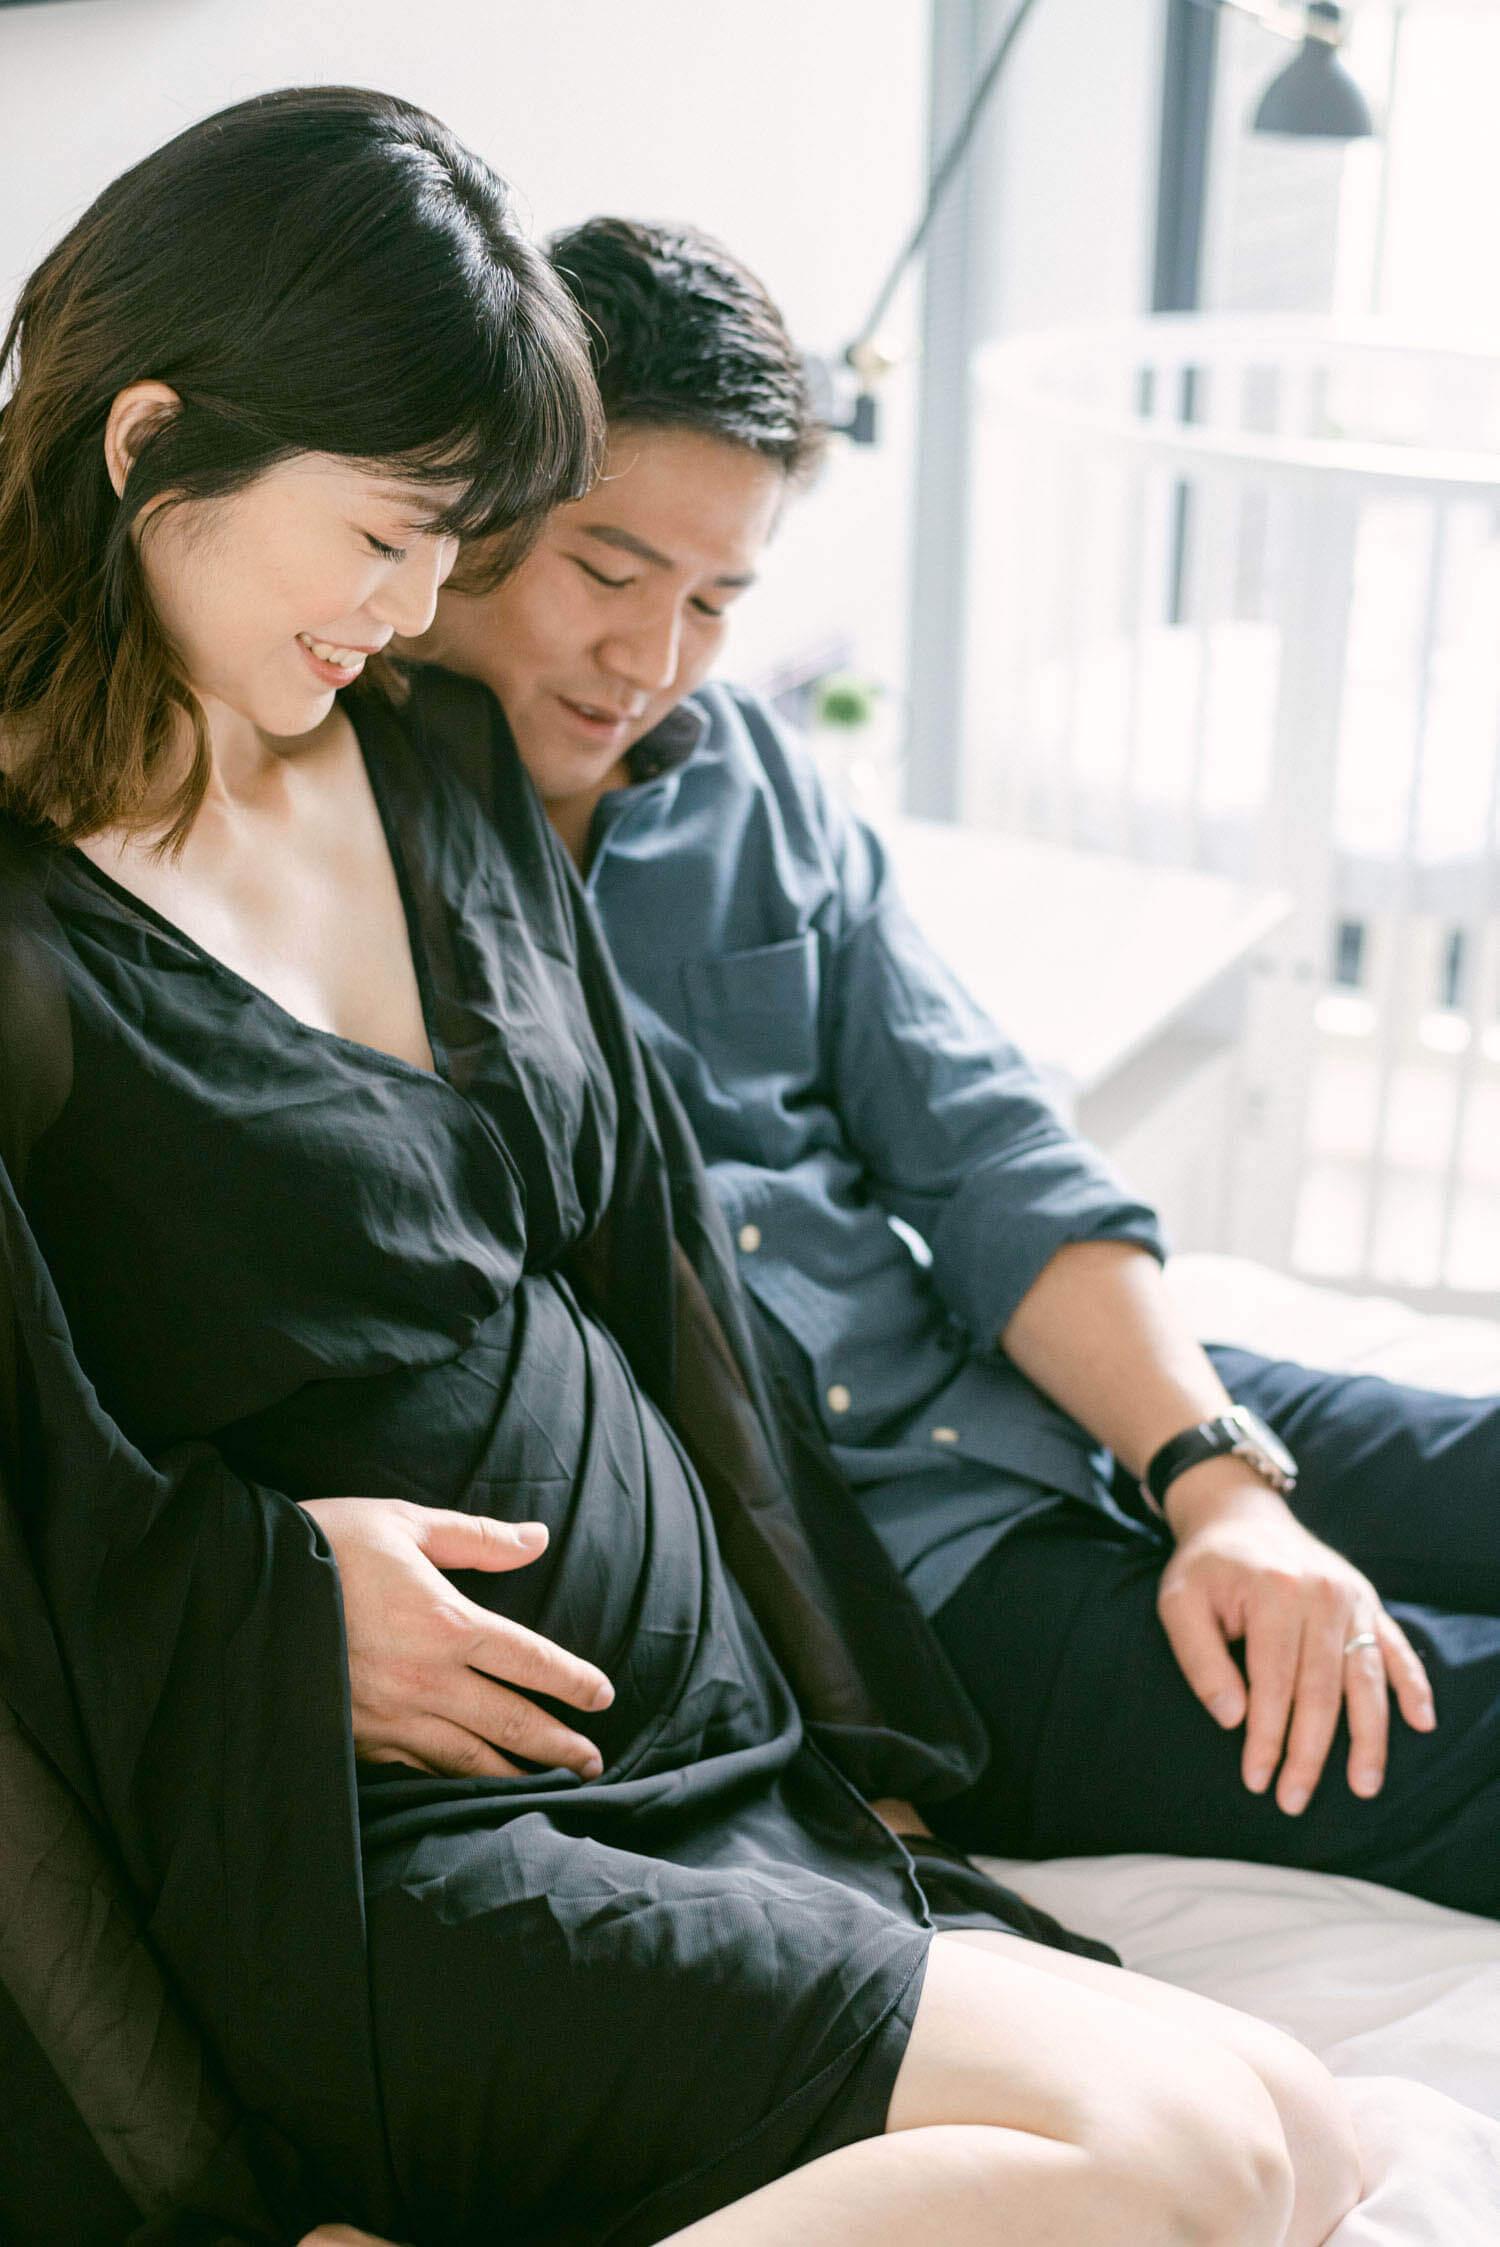 孕期寫真 孕婦寫真 底片 Mark